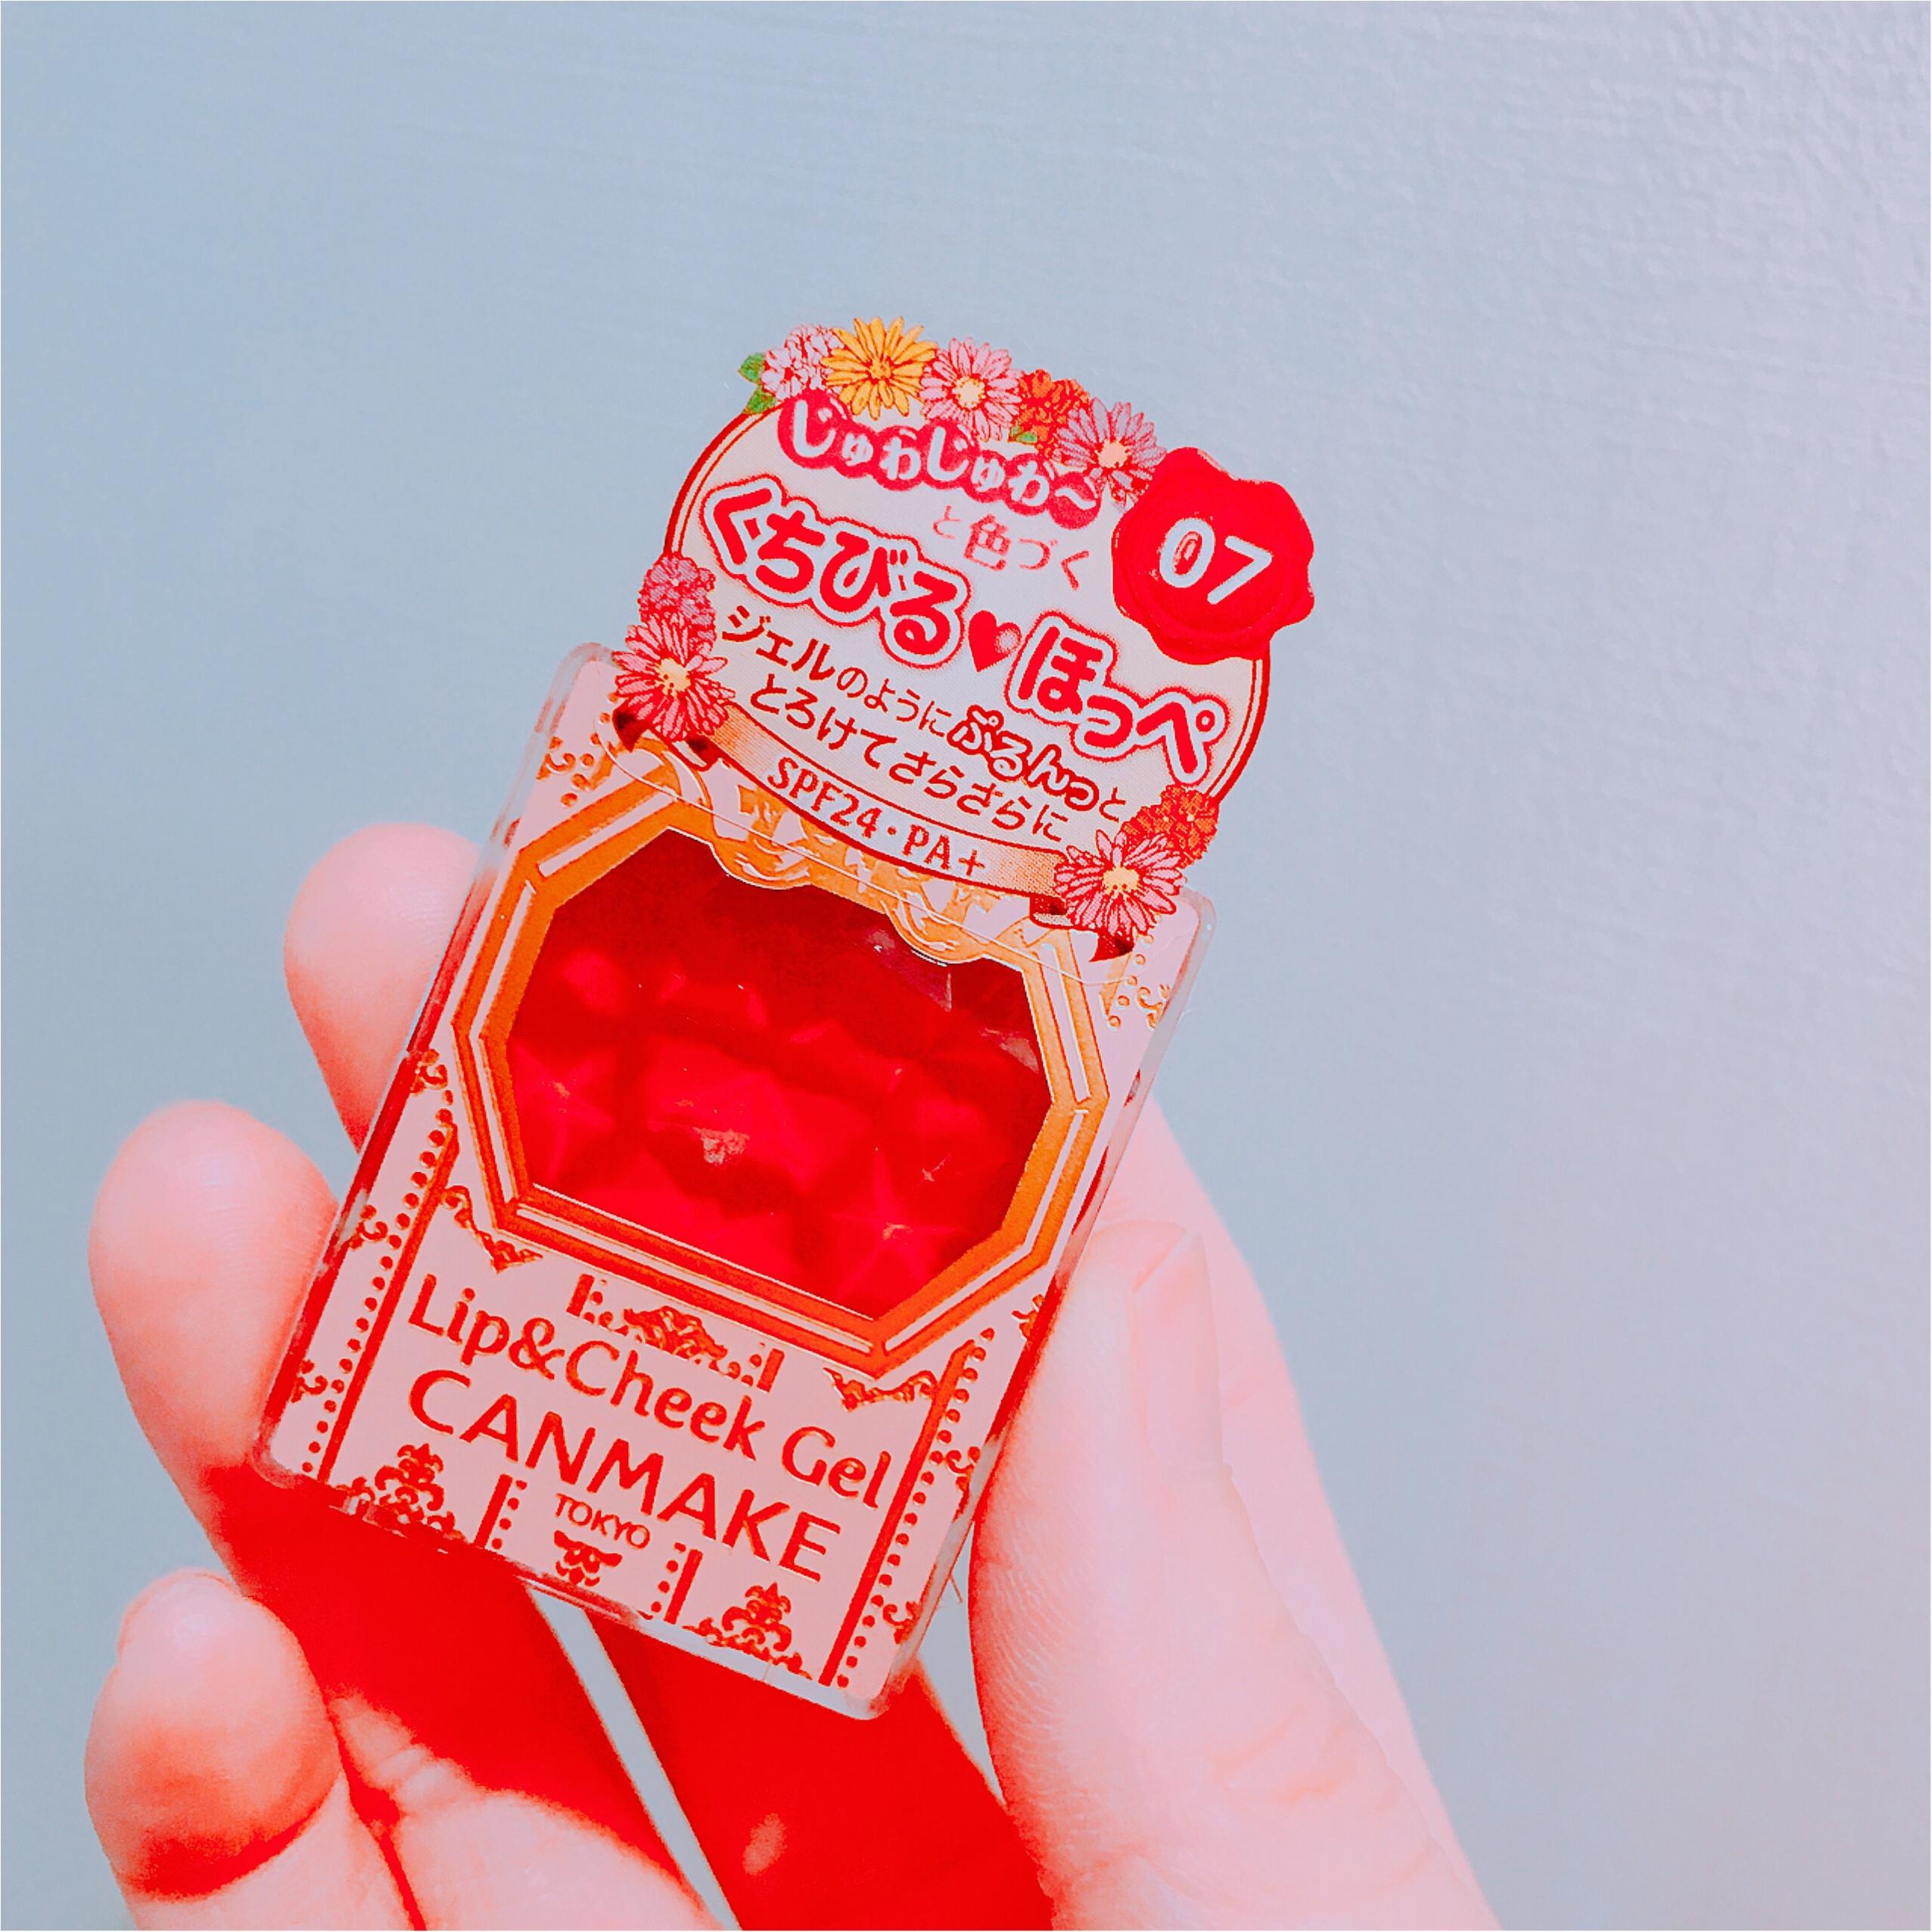 【チャレンジ!】total 3000円以下のプチプラコスメでメイクしてみた♡【ブロガーバトル…】_15